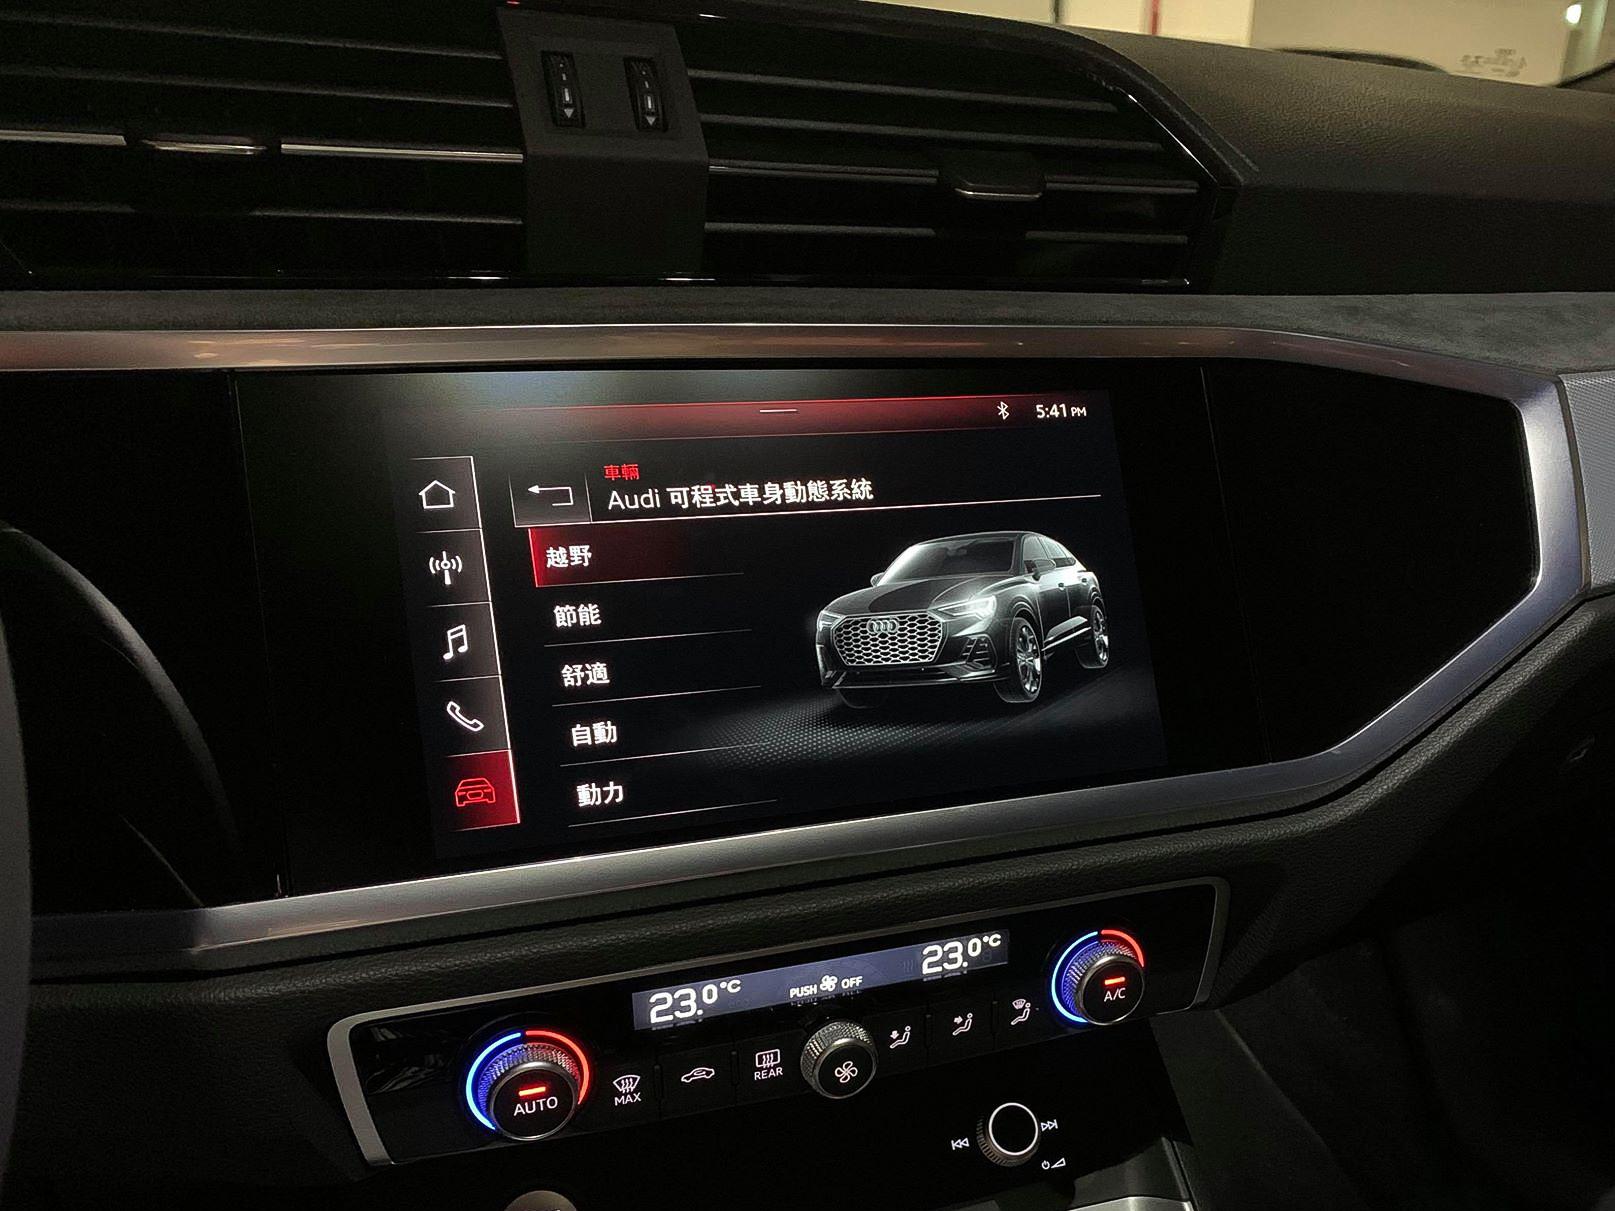 提供六種包含越野、節能、舒適、自動、動態與個人化等駕駛模式選擇。